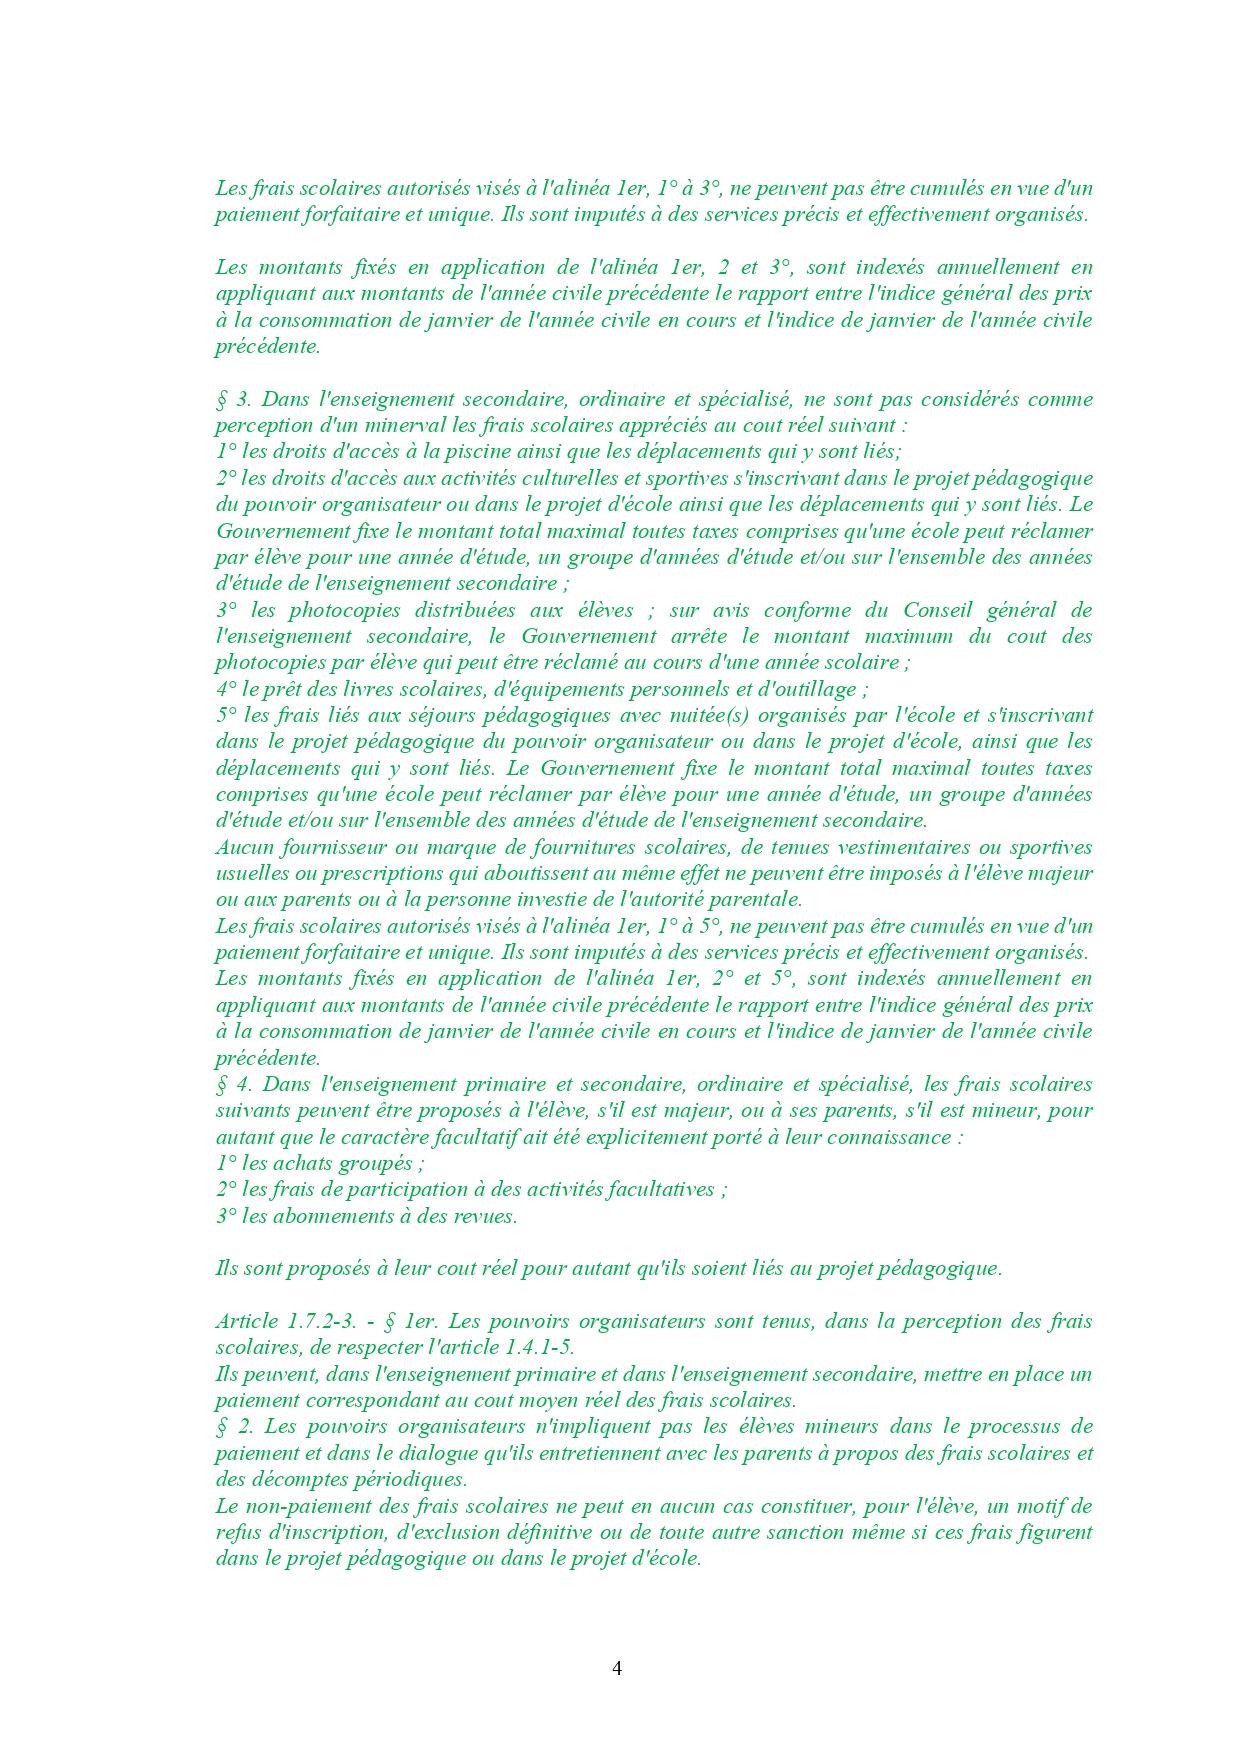 ROI fondamental avril 2020_page-0004